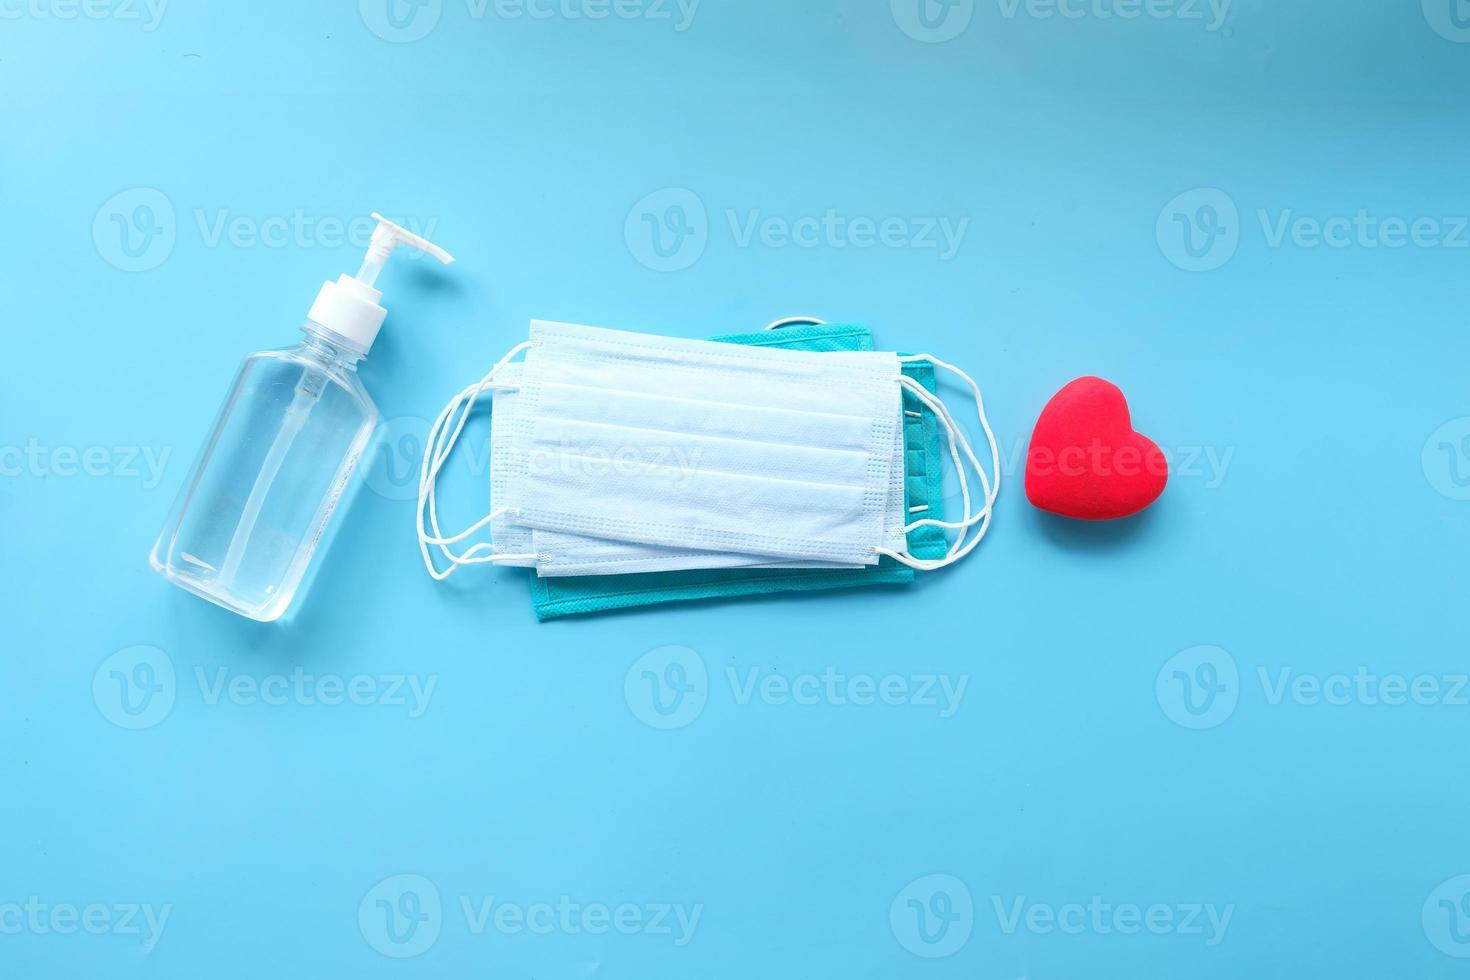 Mascarillas quirúrgicas con forma de corazón sobre un fondo azul. foto